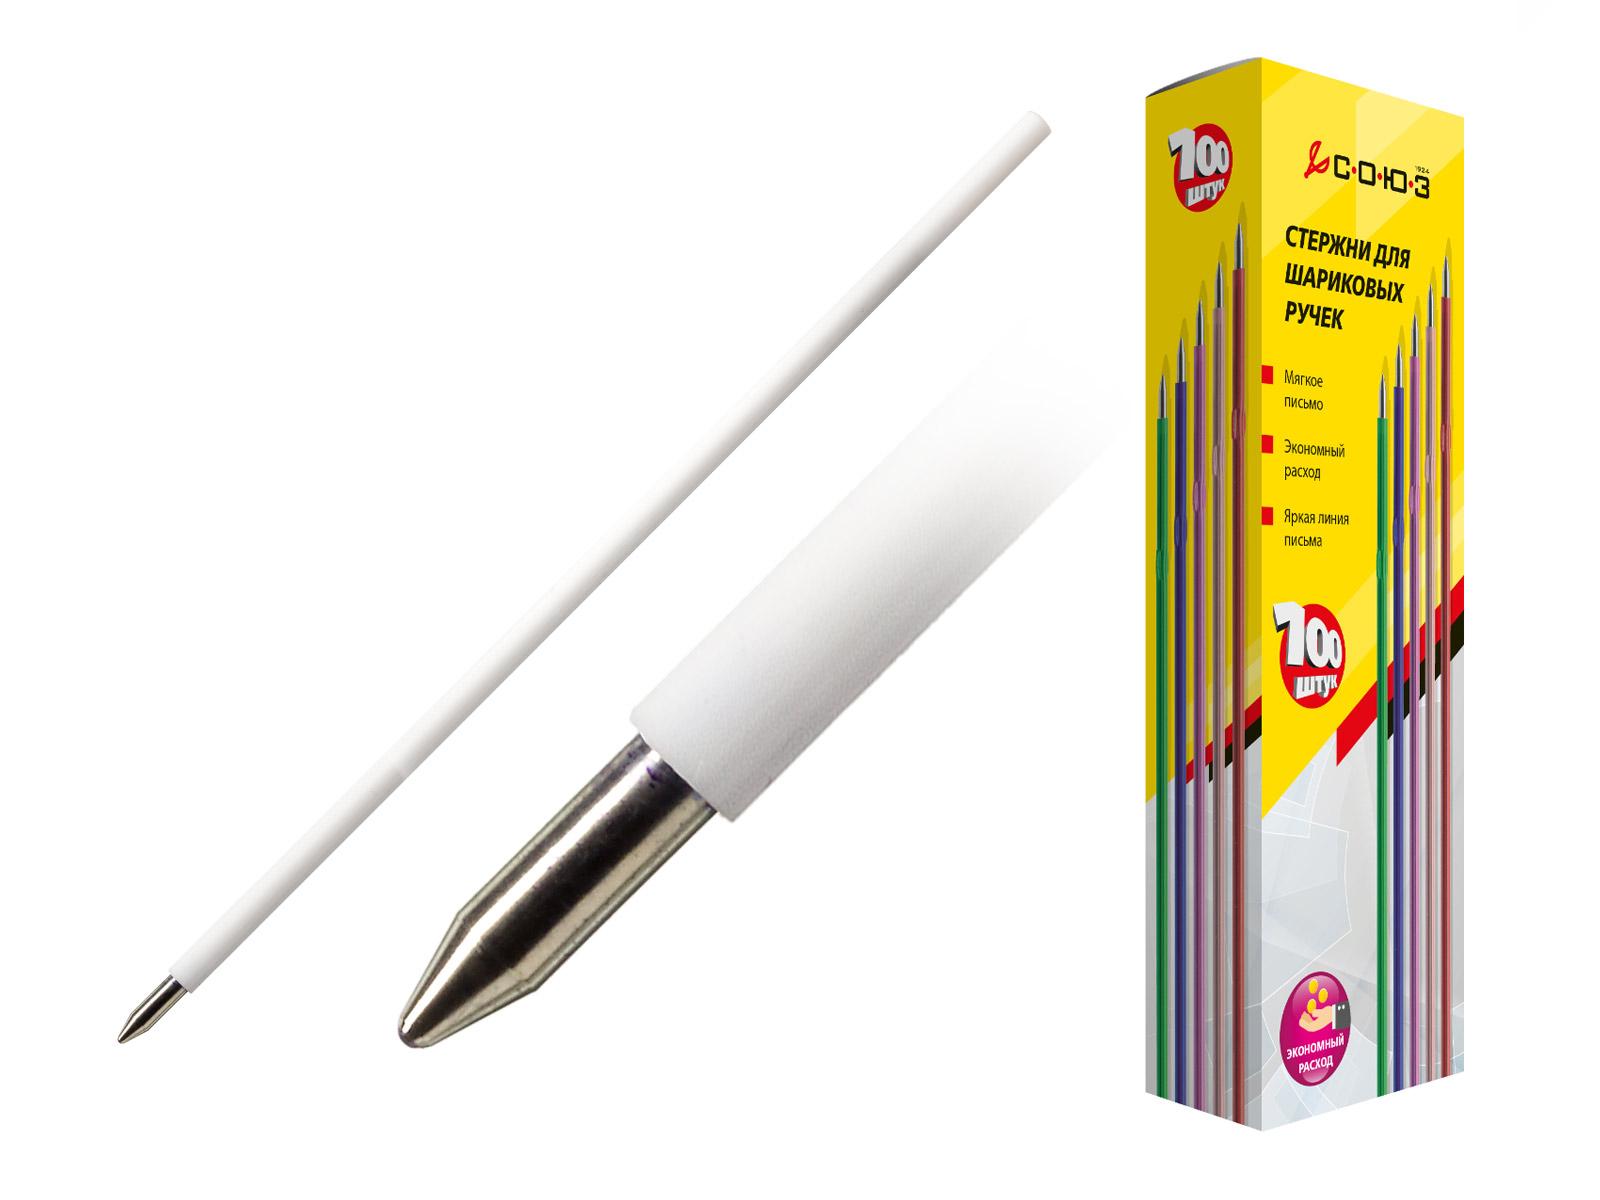 Стержни для шариковых ручек УП139 на масляной основе